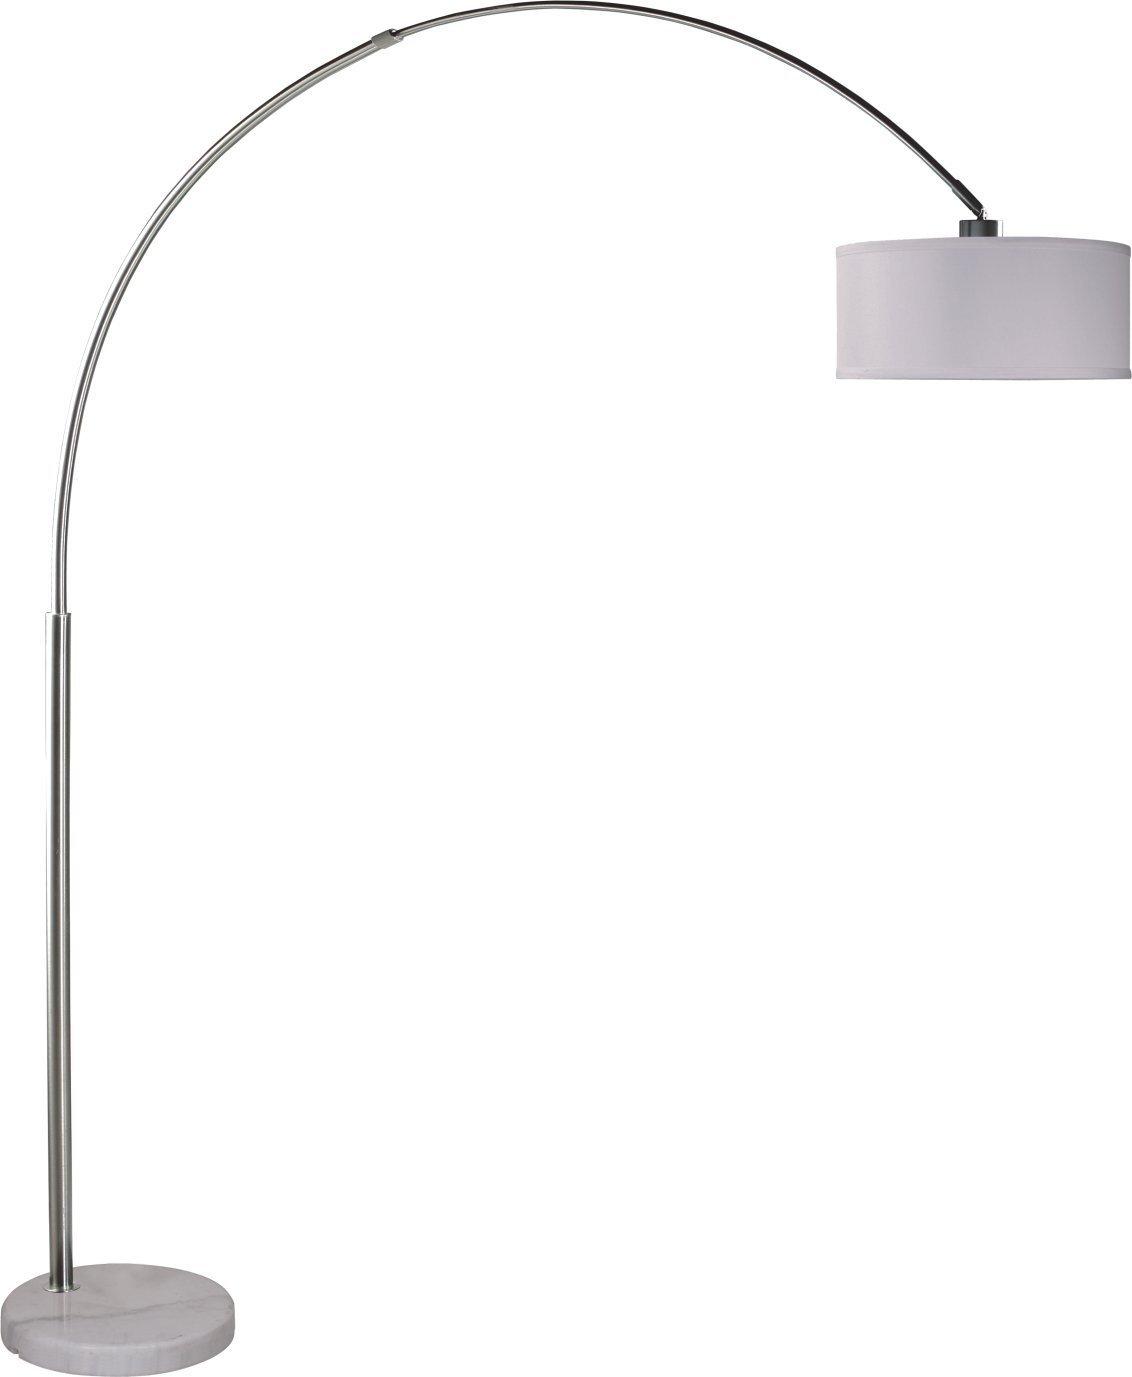 amazon.com: milton greens stars sophia adjustable arc floor lamp with  marble OGGBNJB